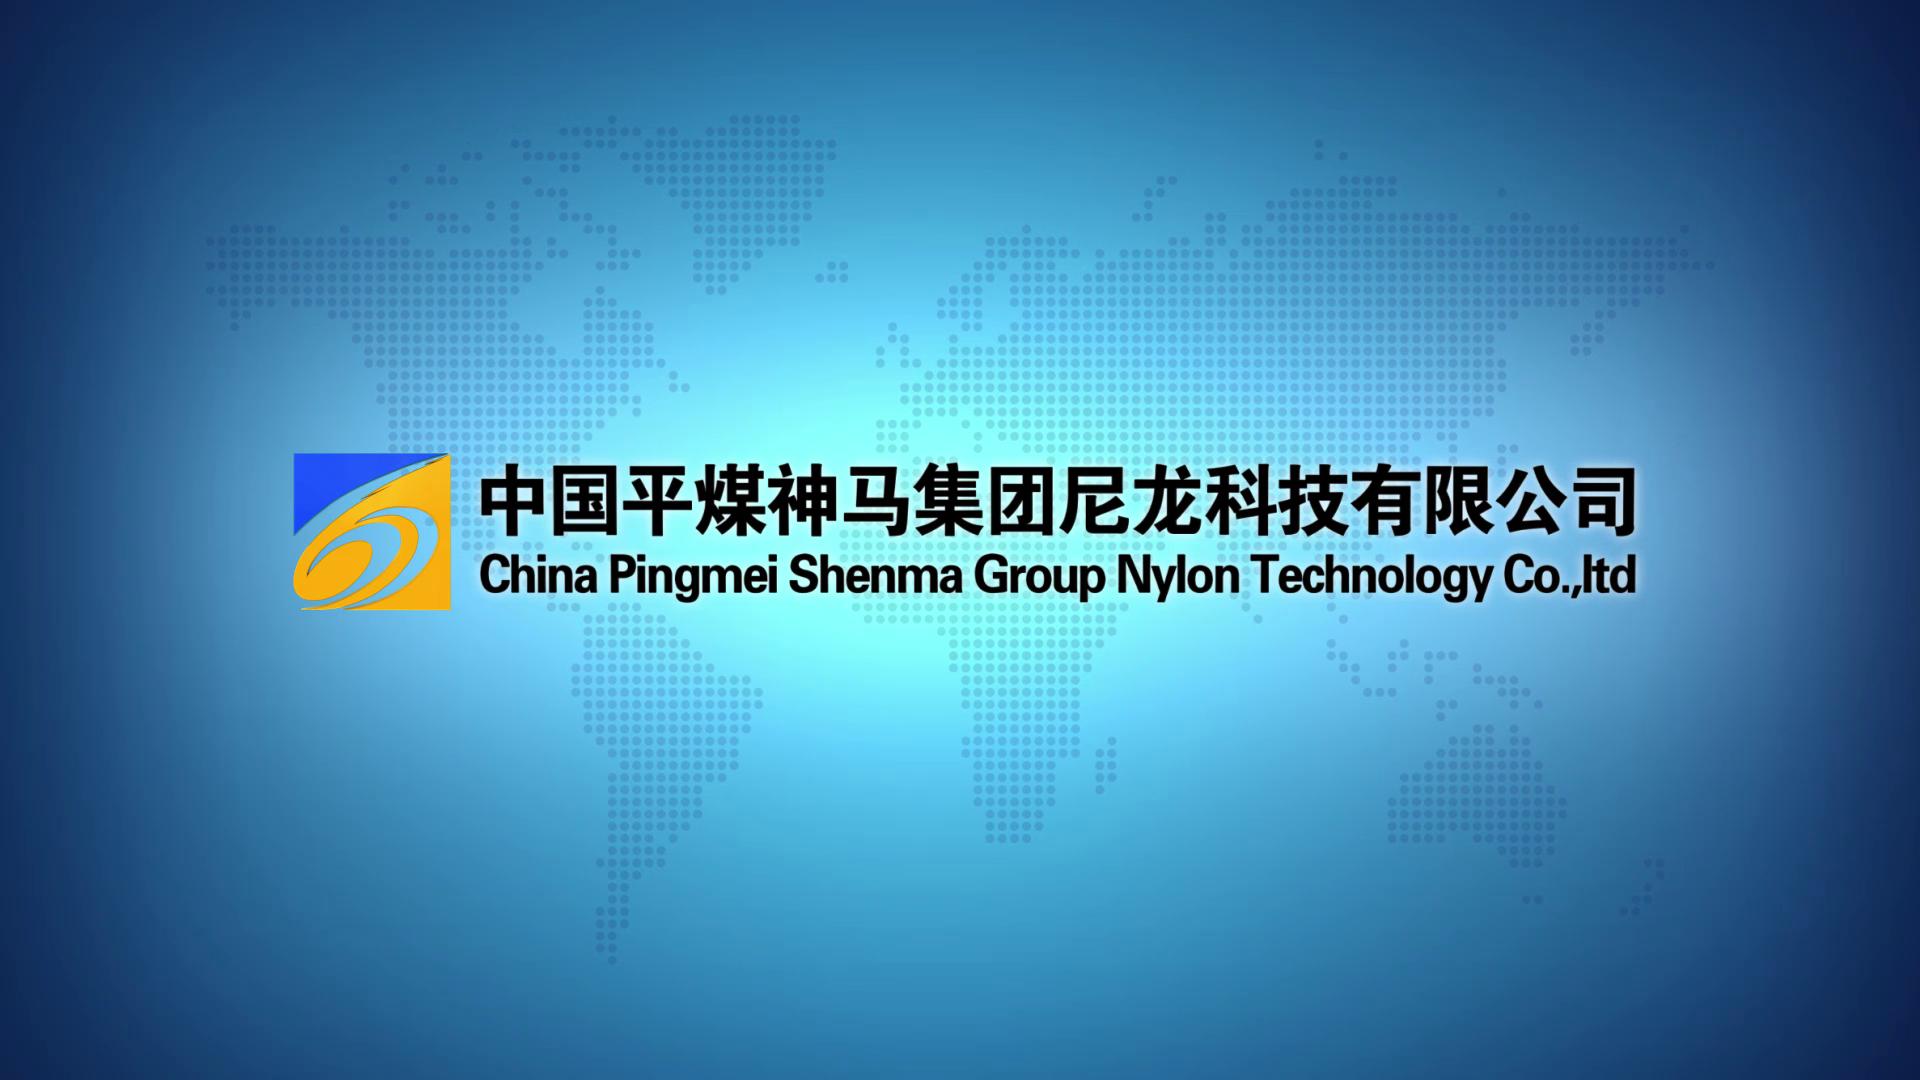 影视案例插图3奥格威(中国)官方网站-影视视频制作 ·拍摄·剪辑·推广